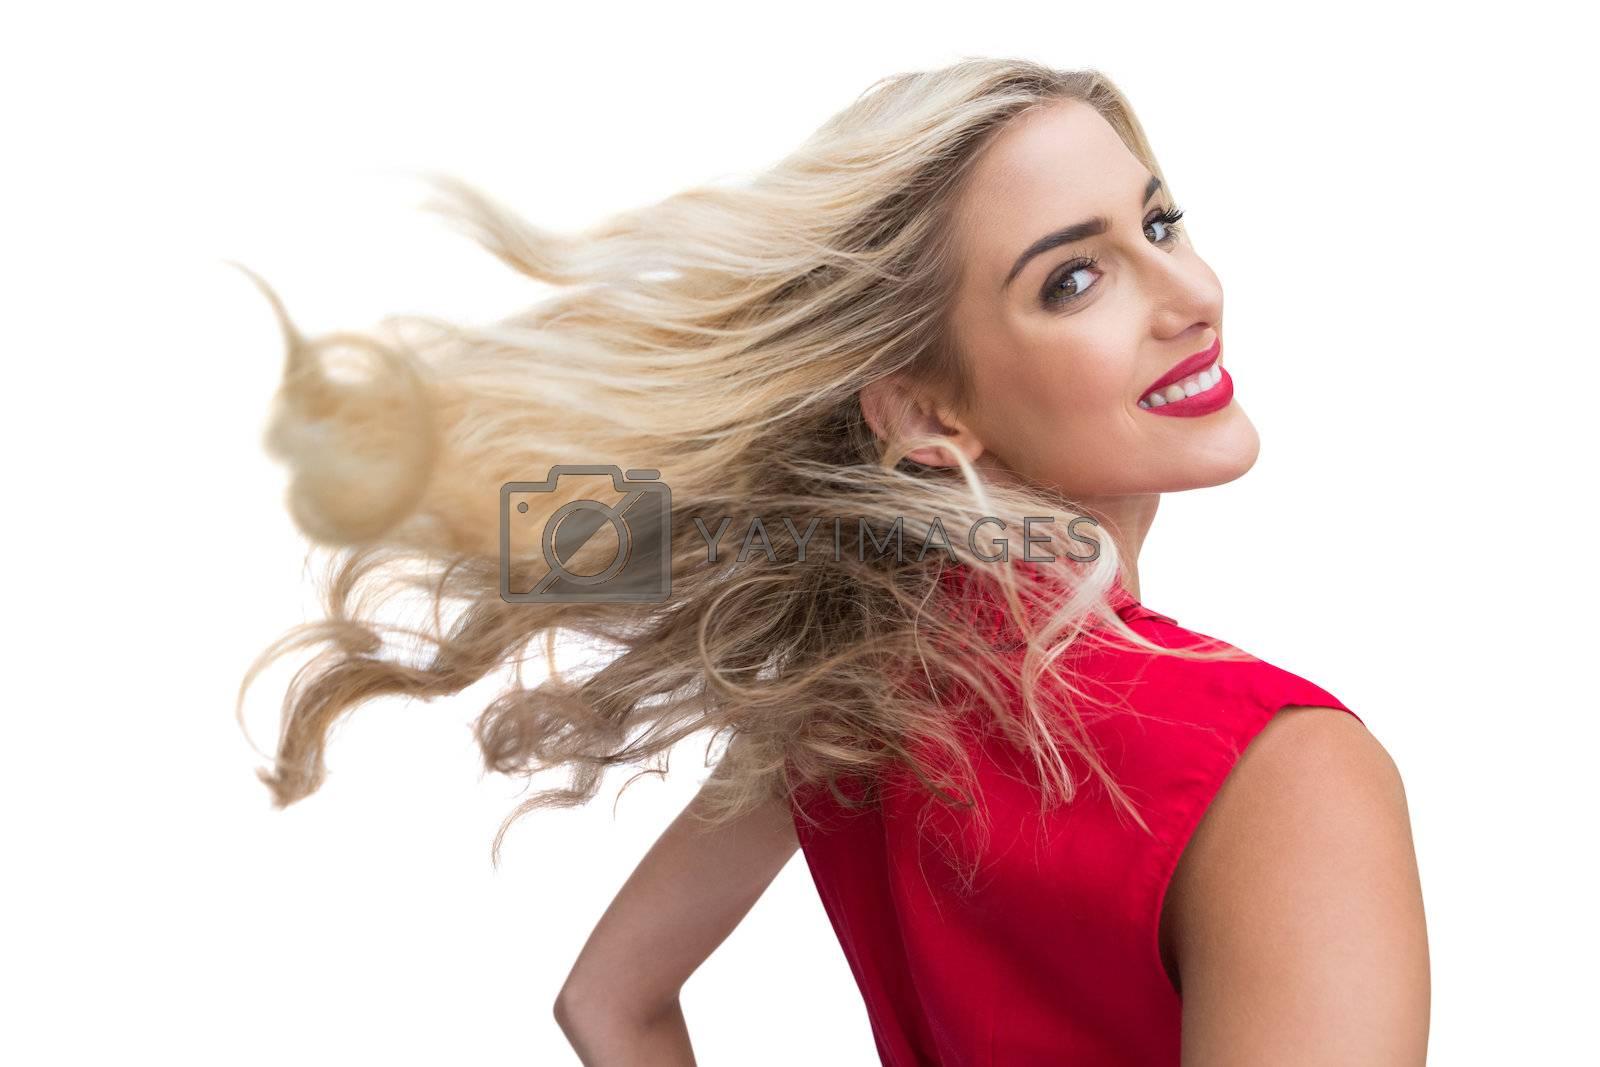 Blonde woman tossing her hair  by Wavebreakmedia